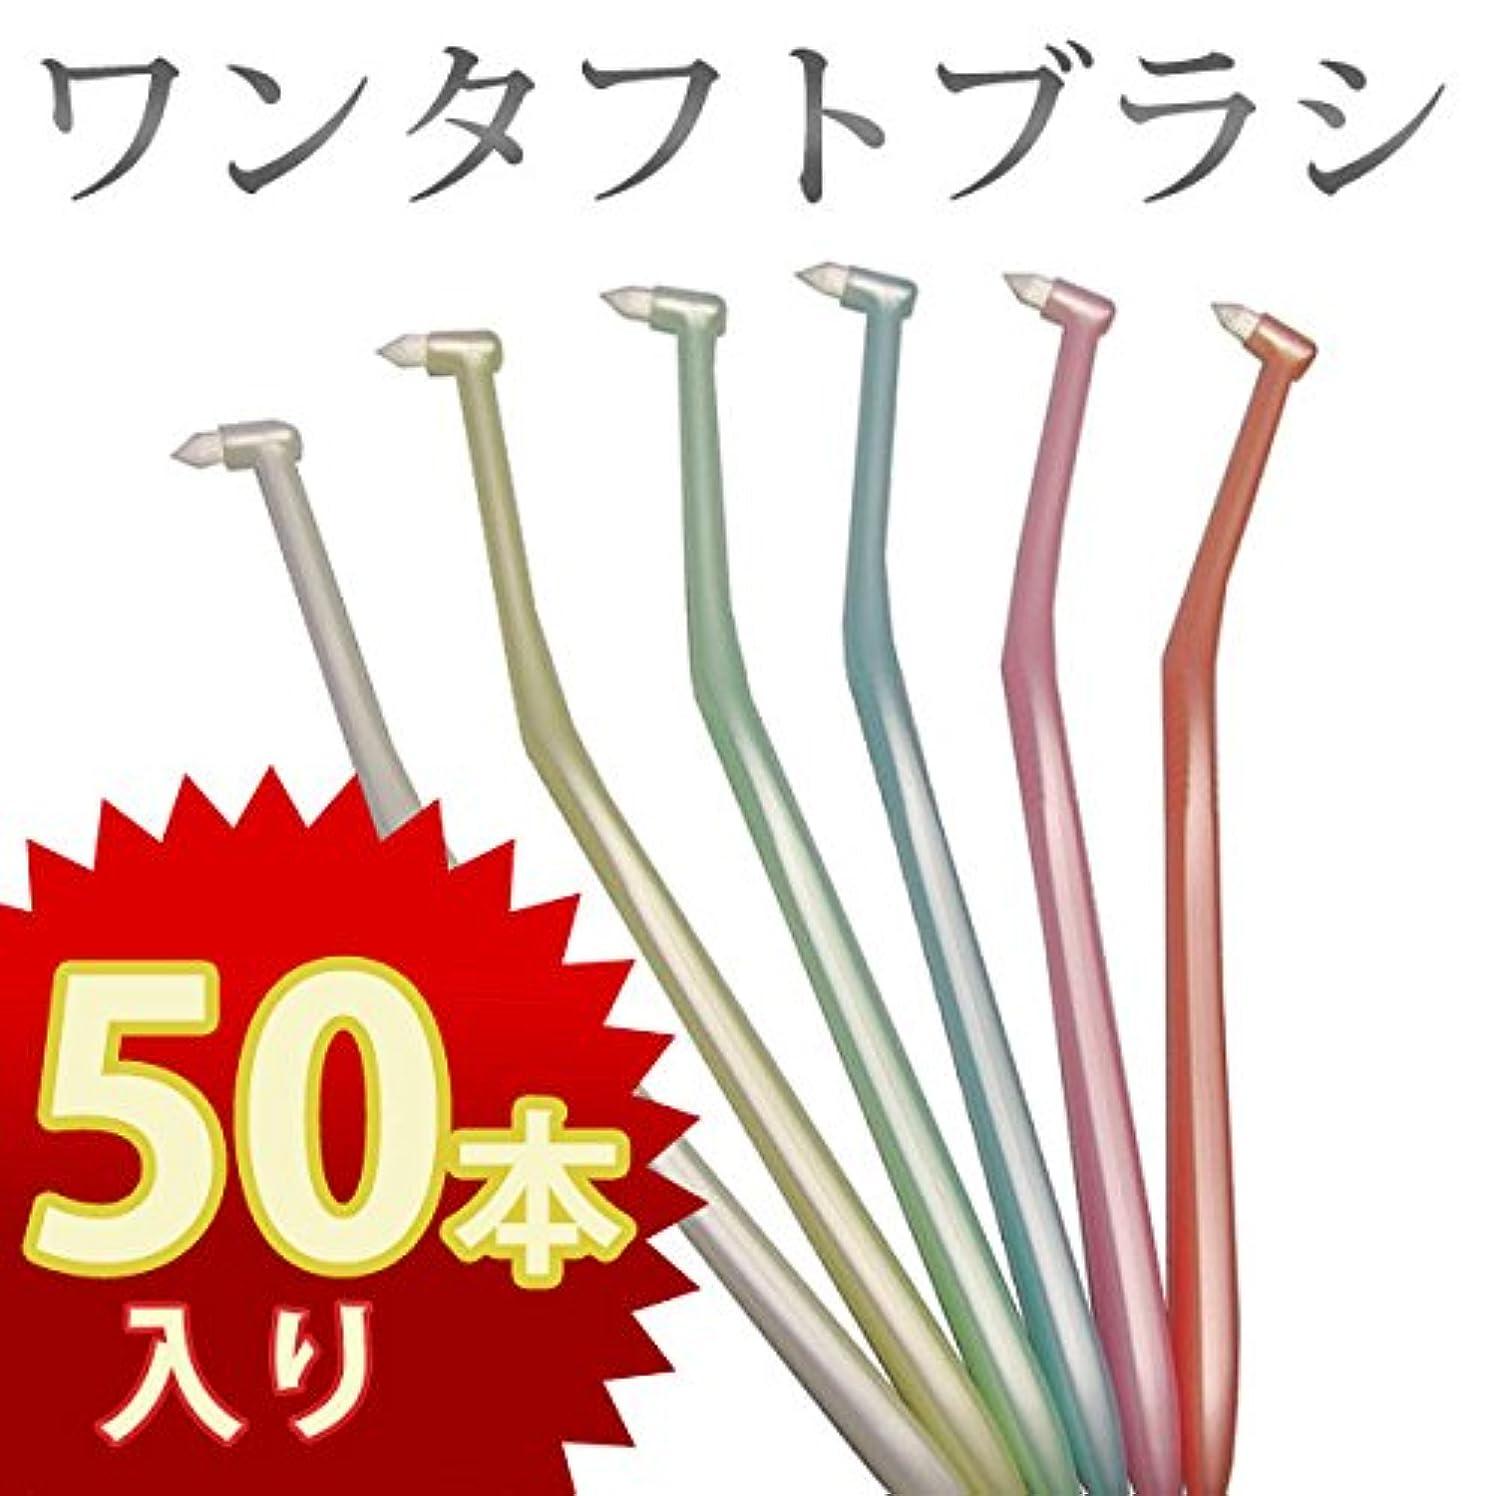 いわゆる嘆願タックルラピス 50本入り タフト ブラシ ソフト(やわらかめ) 6色アソート